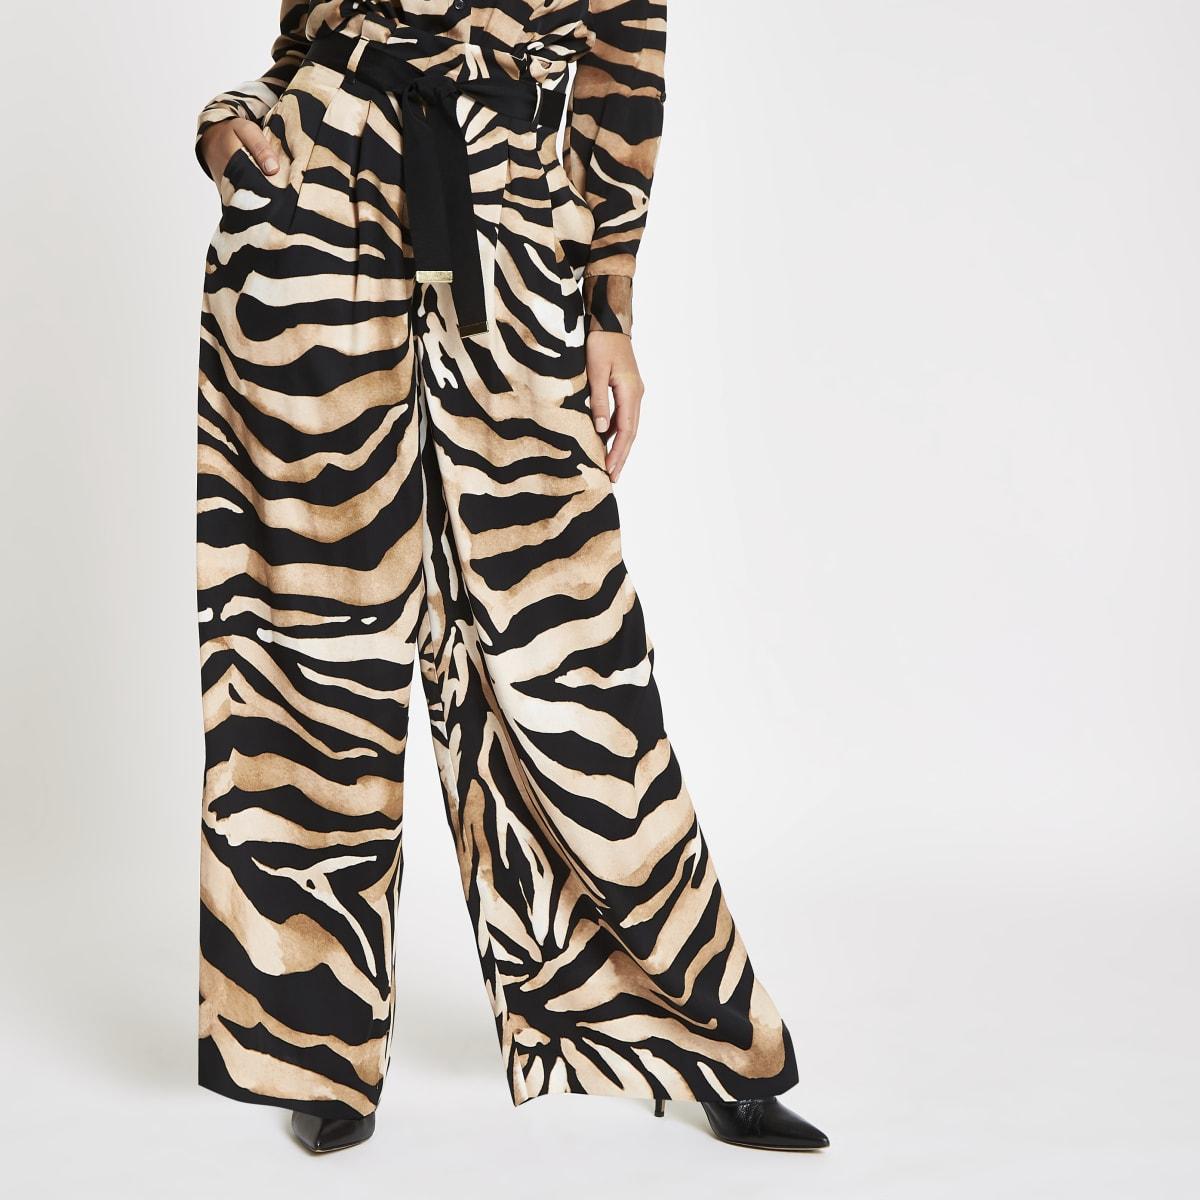 Bruine broek met wijde pijpen en tijgerprint